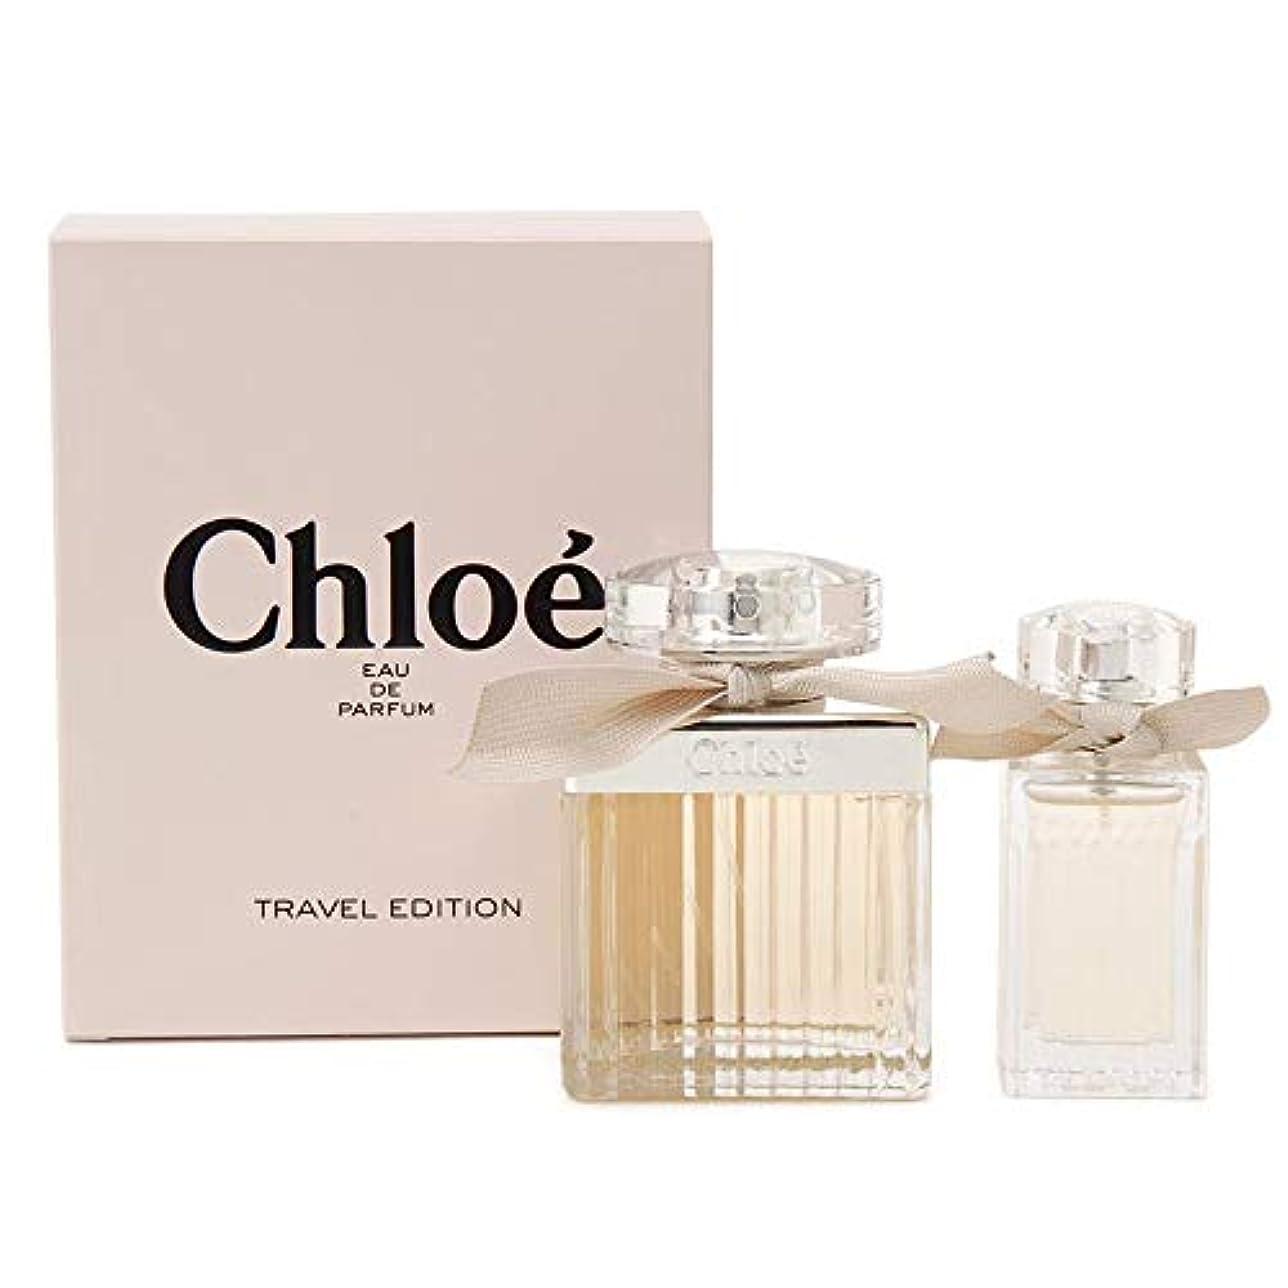 大事にする自分リクルートクロエ chloe オードパルファム 香水セット 20ml 75ml 2P 香水 レディース 女性用 フレグランス [並行輸入品]